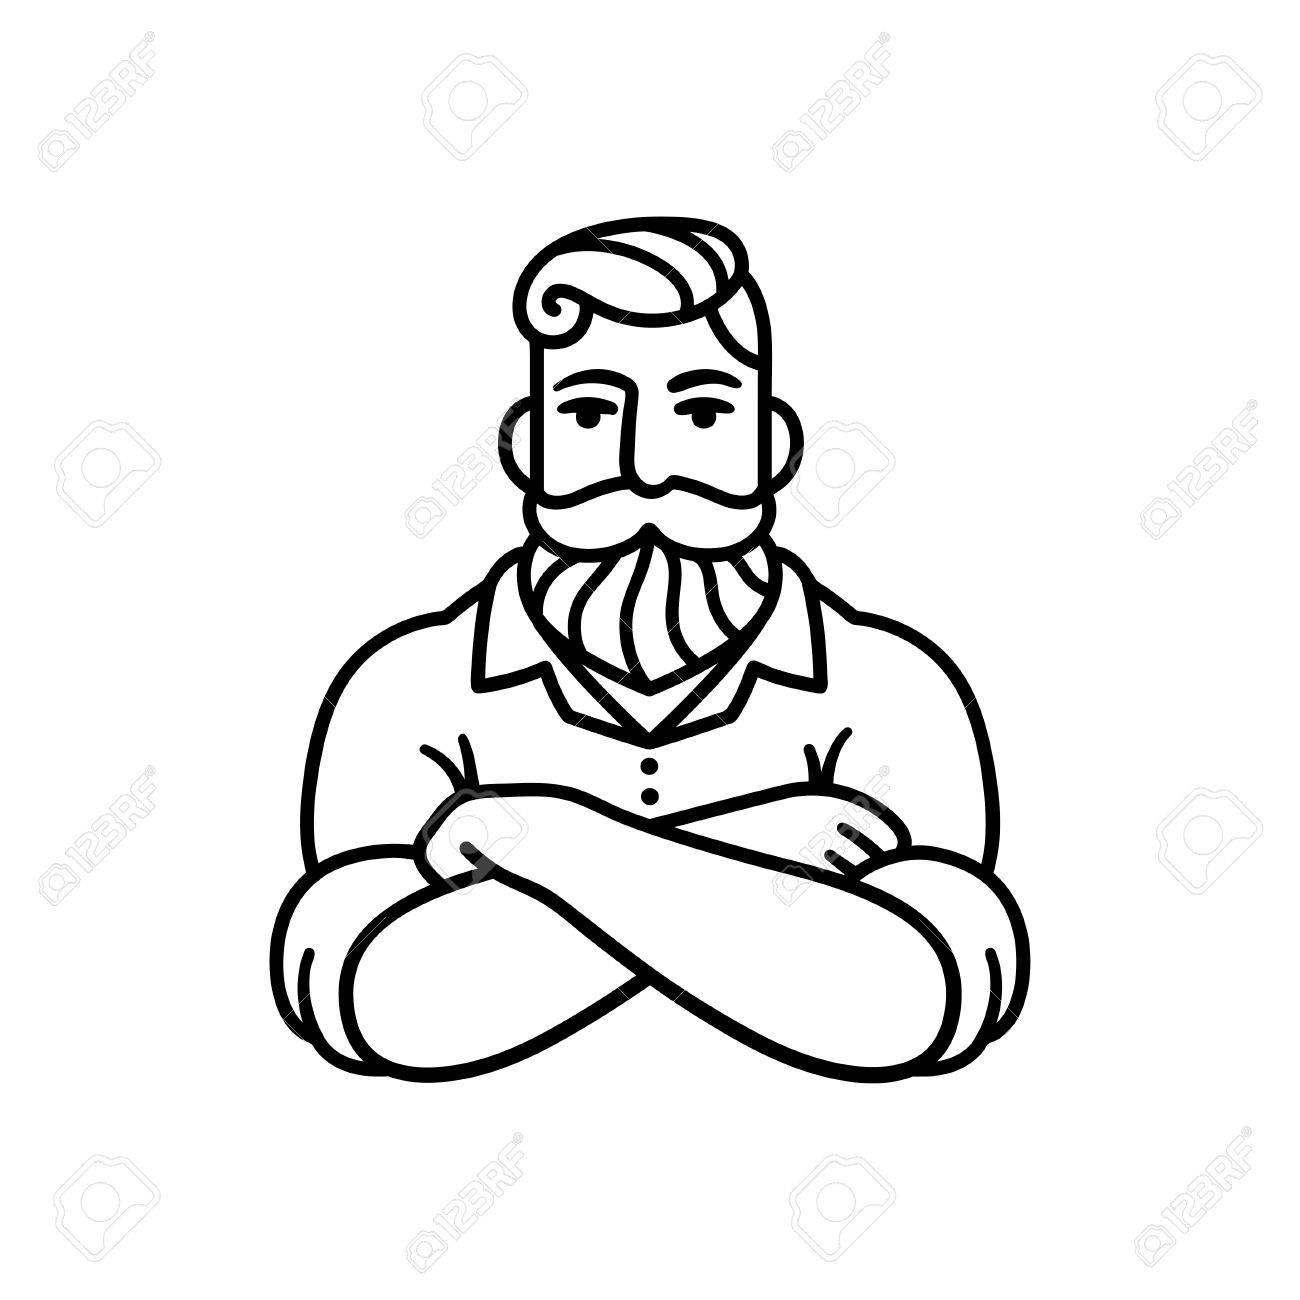 Dessin Au Trait Noir dessin au trait noir et blanc de l'homme barbu, les bras croisés